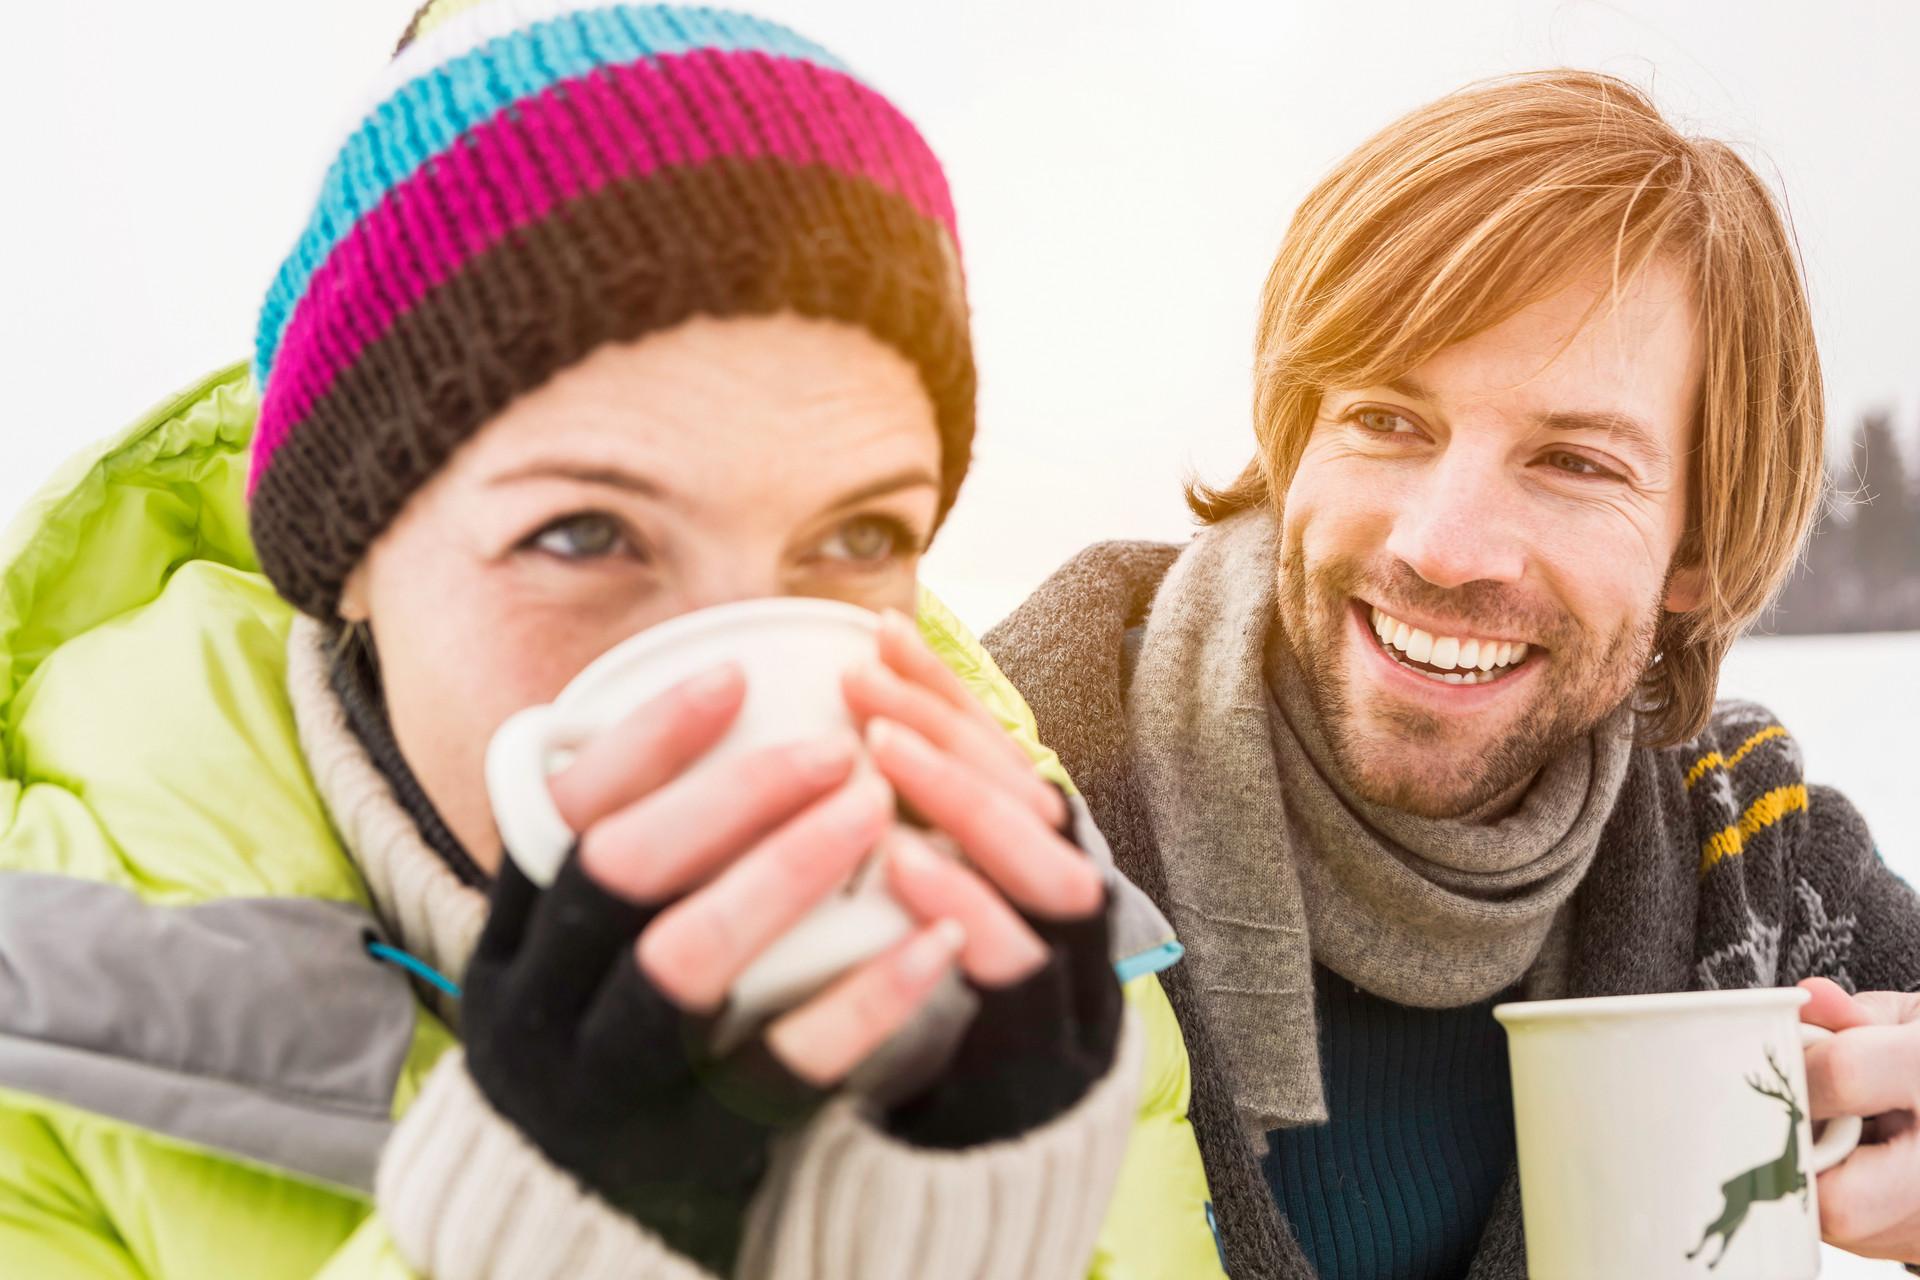 冬季保暖小技巧,怕冷的人们别错过!